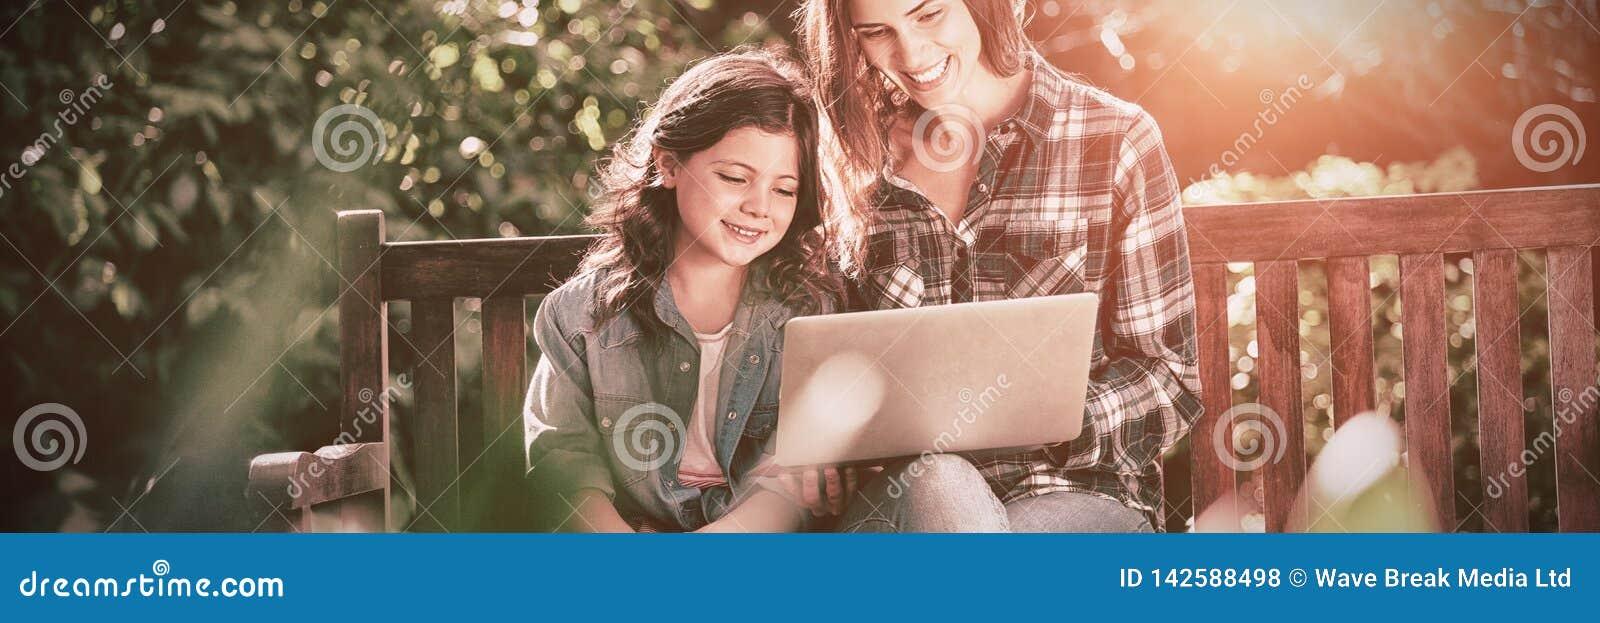 Lächelnde Mutter und Tochter, die Laptop beim Sitzen auf Holzbank verwendet